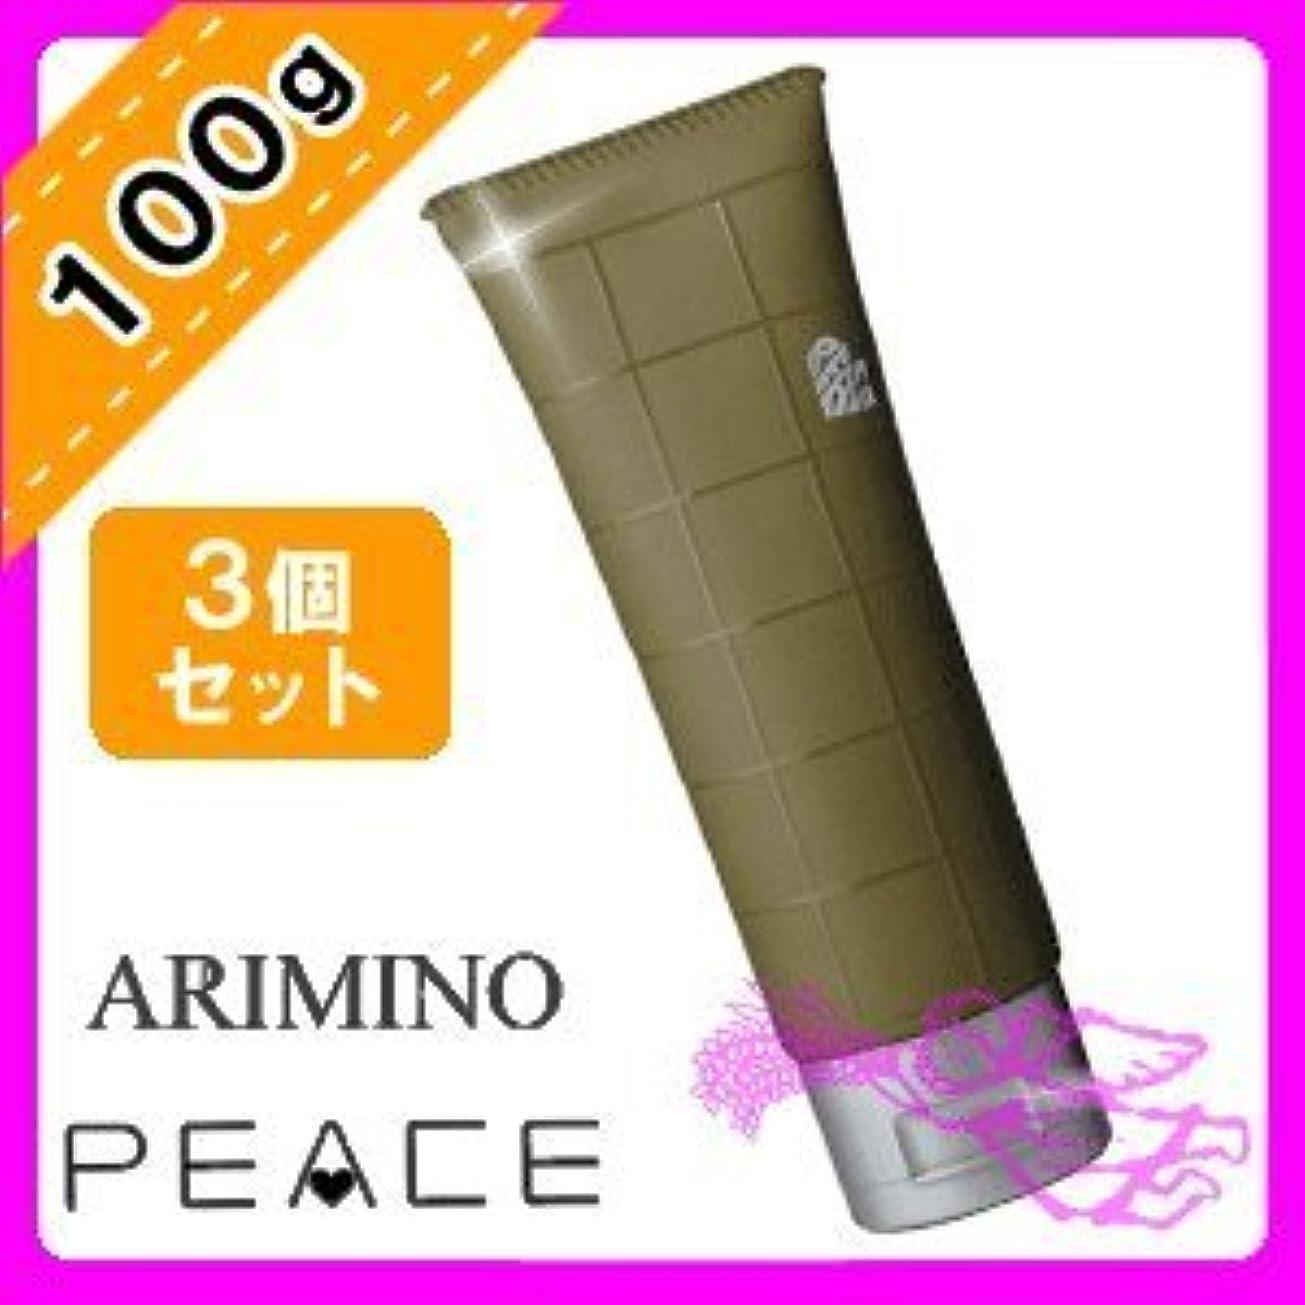 植物学クレーターおもてなしアリミノ ピース ウェットオイル ワックス 100g ×3個セット arimino PEACE